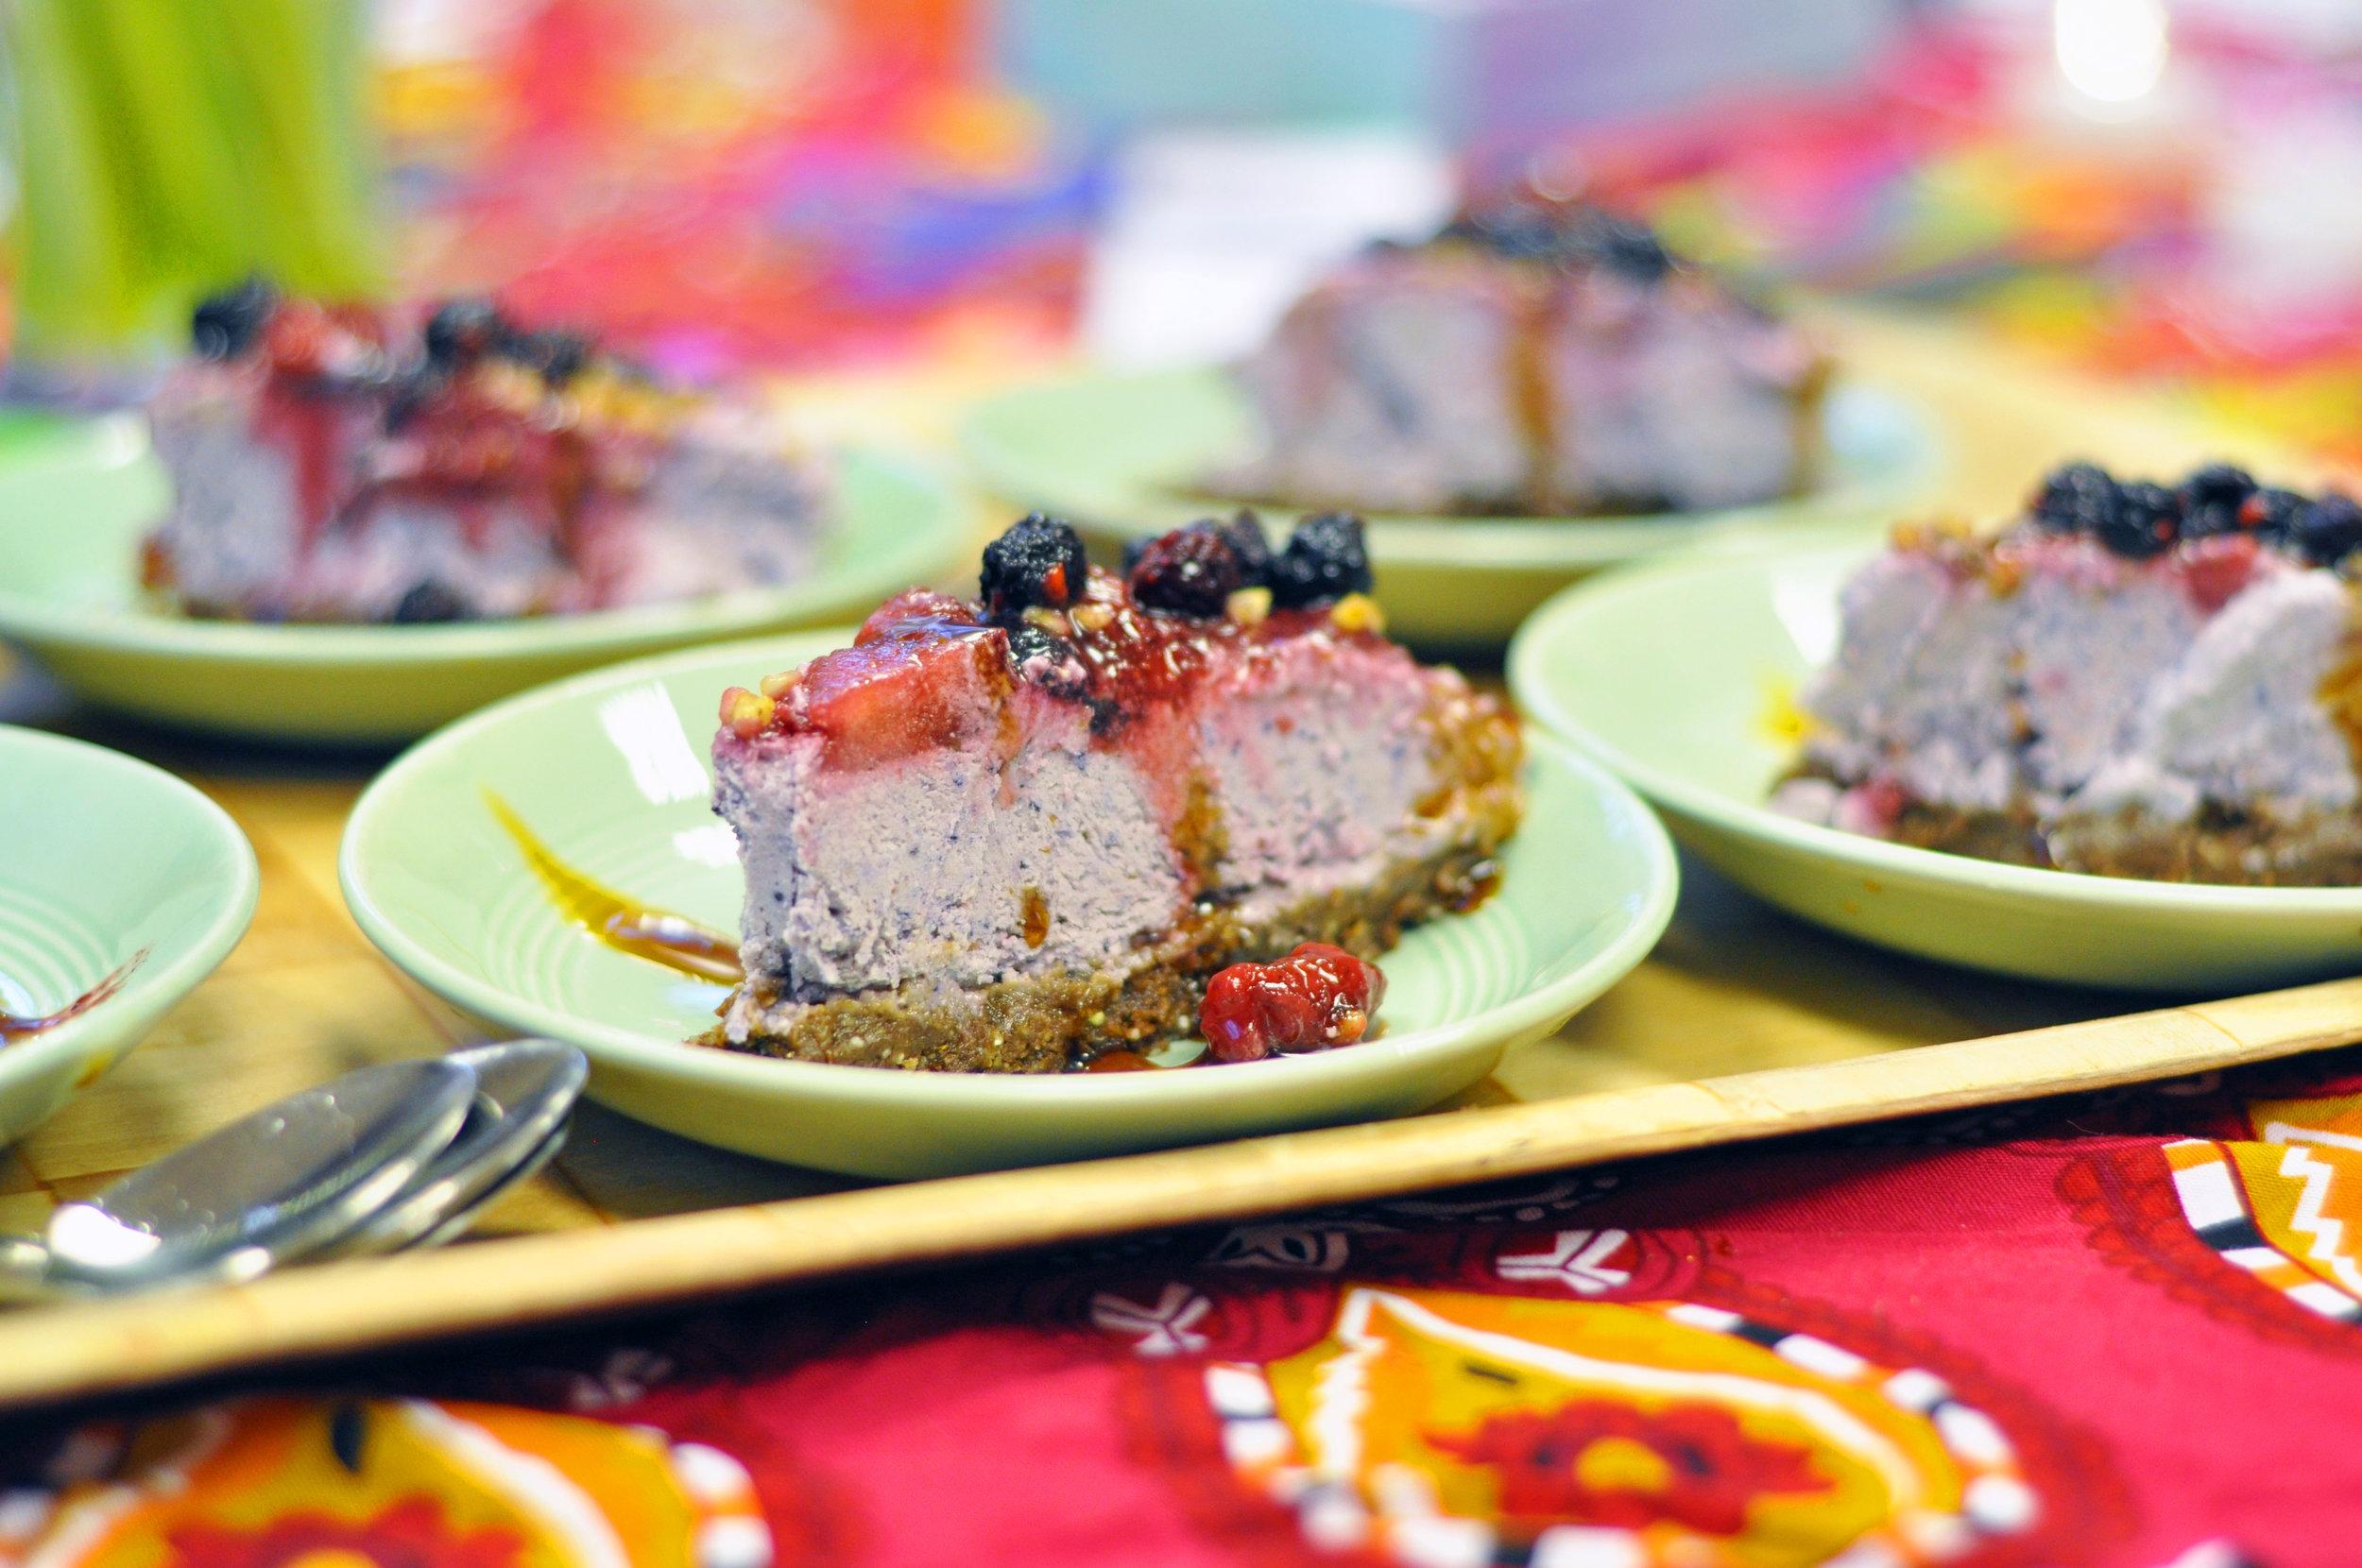 The wonderful raw cake... mmmmmm!